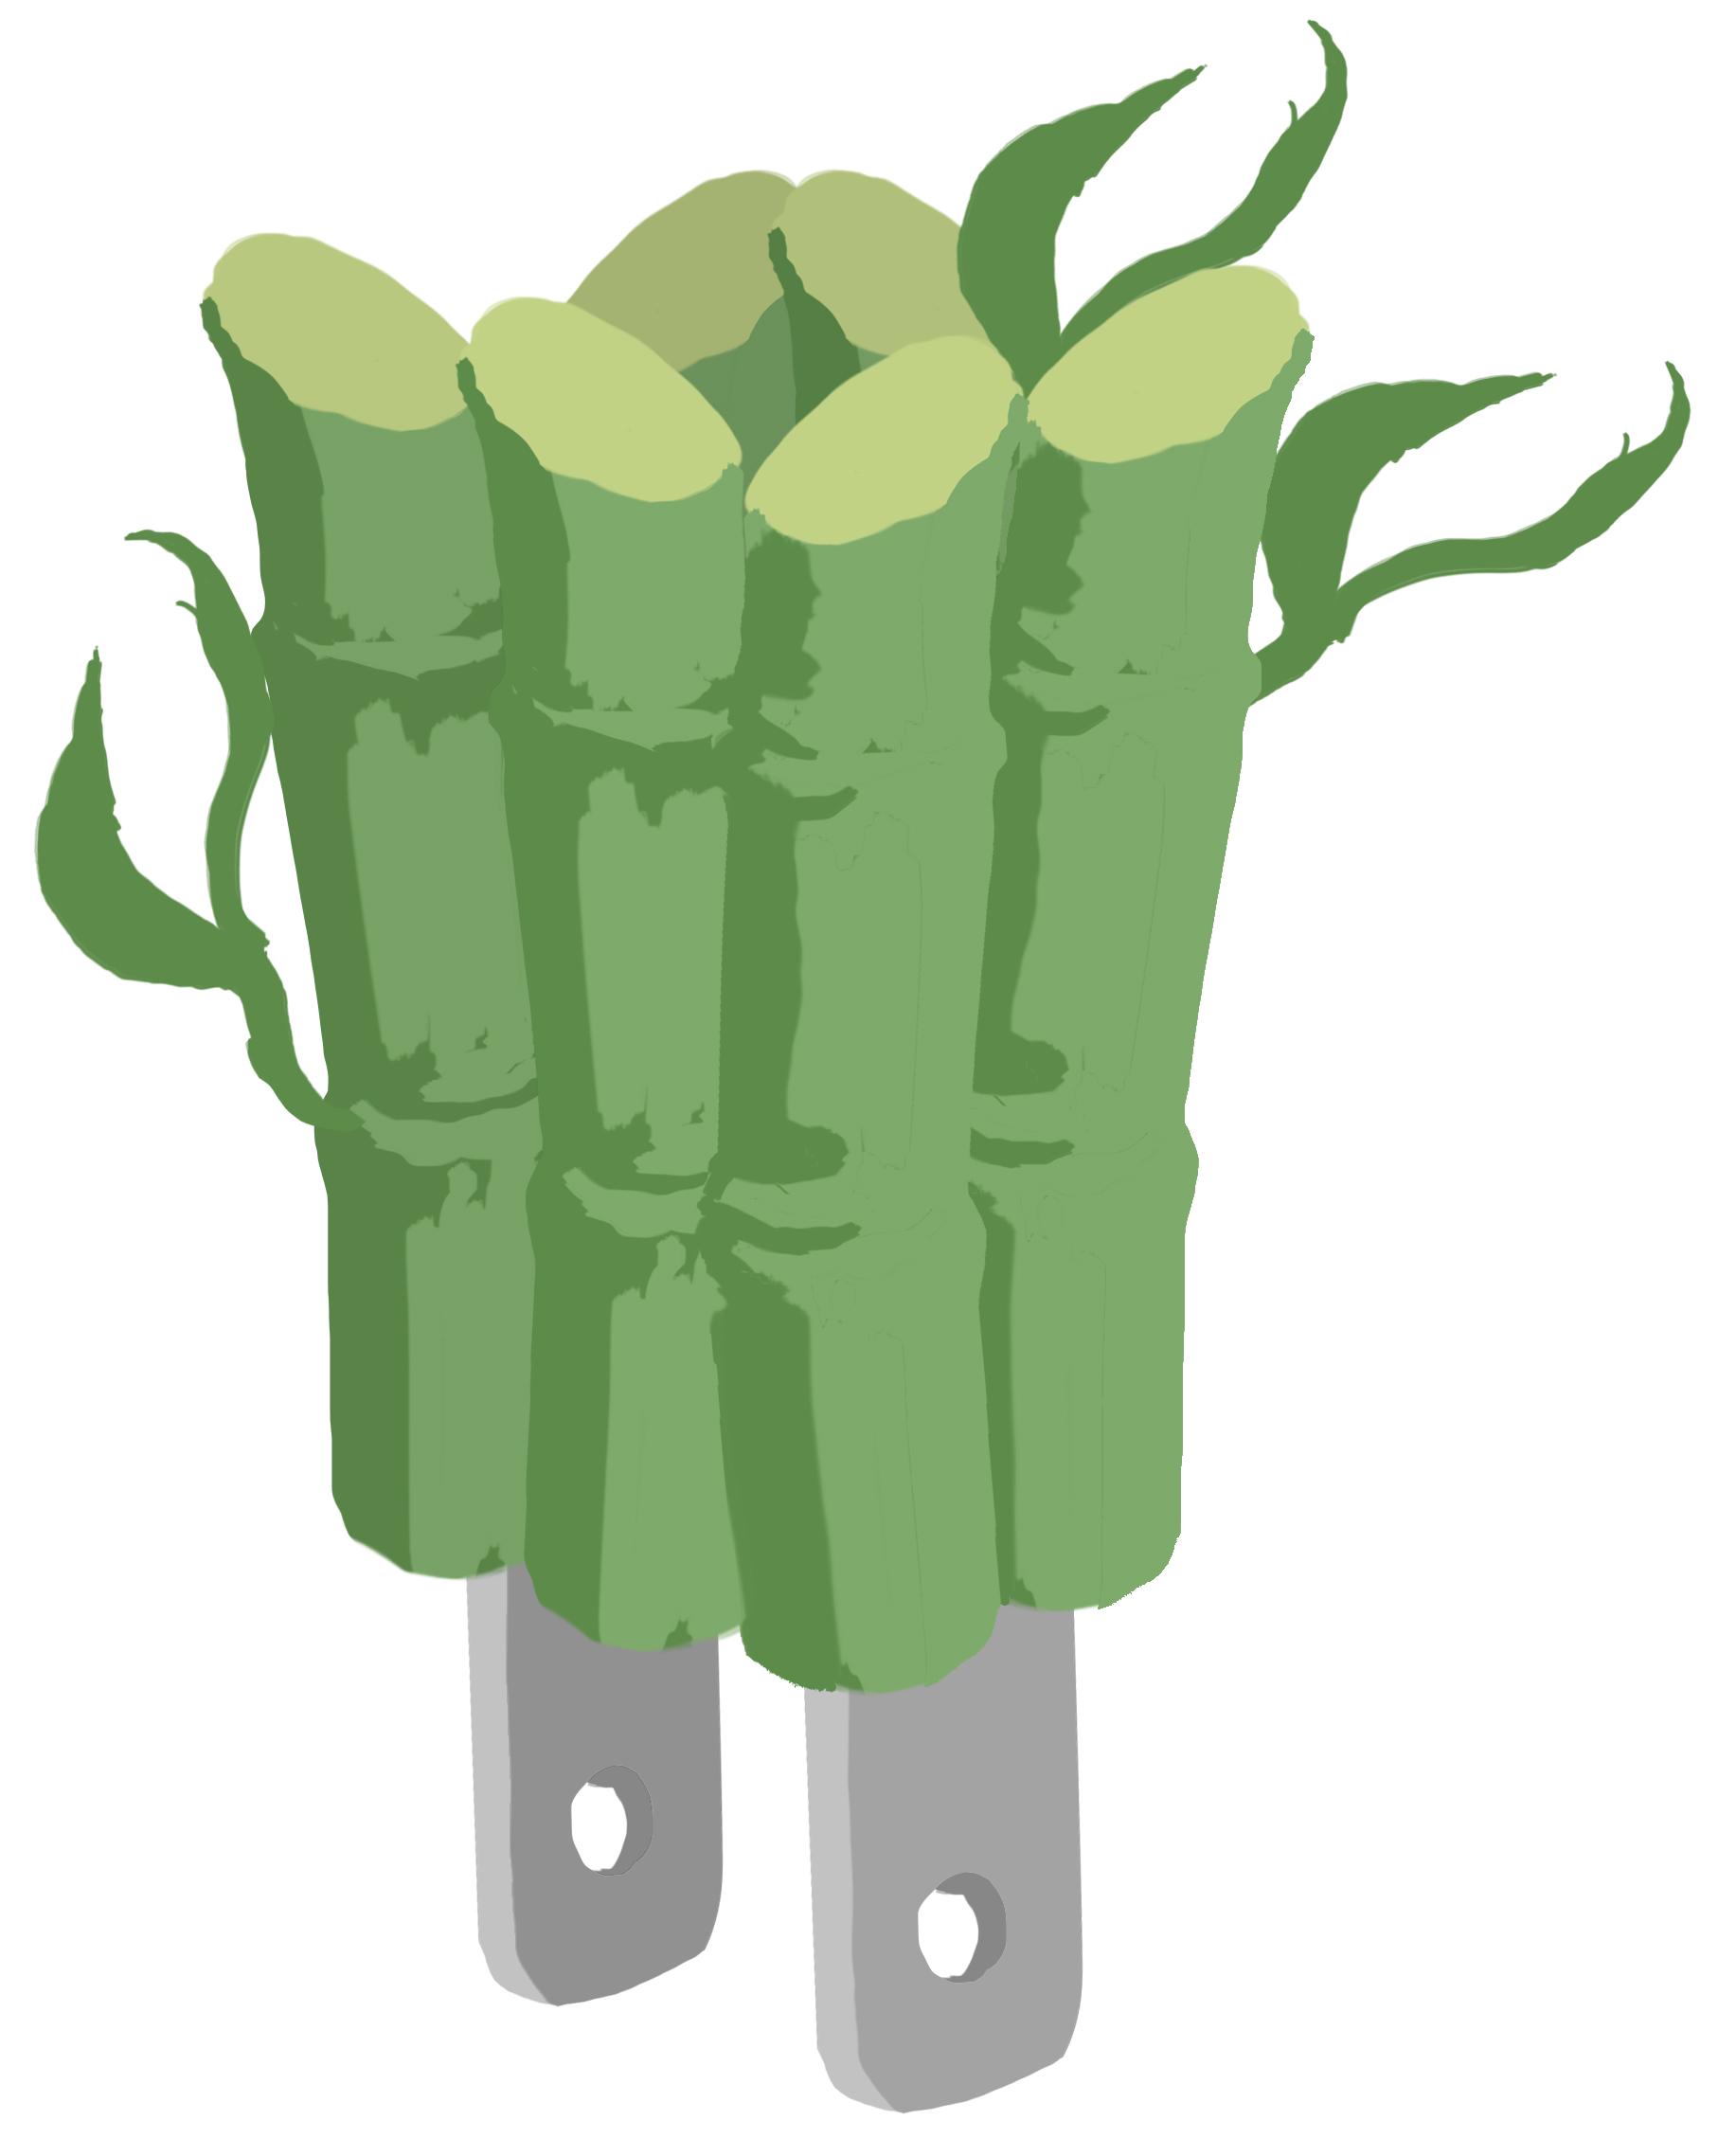 Desenho de feixe de bambu com plugue de energia (Depto. de Estado/D. Thompson)